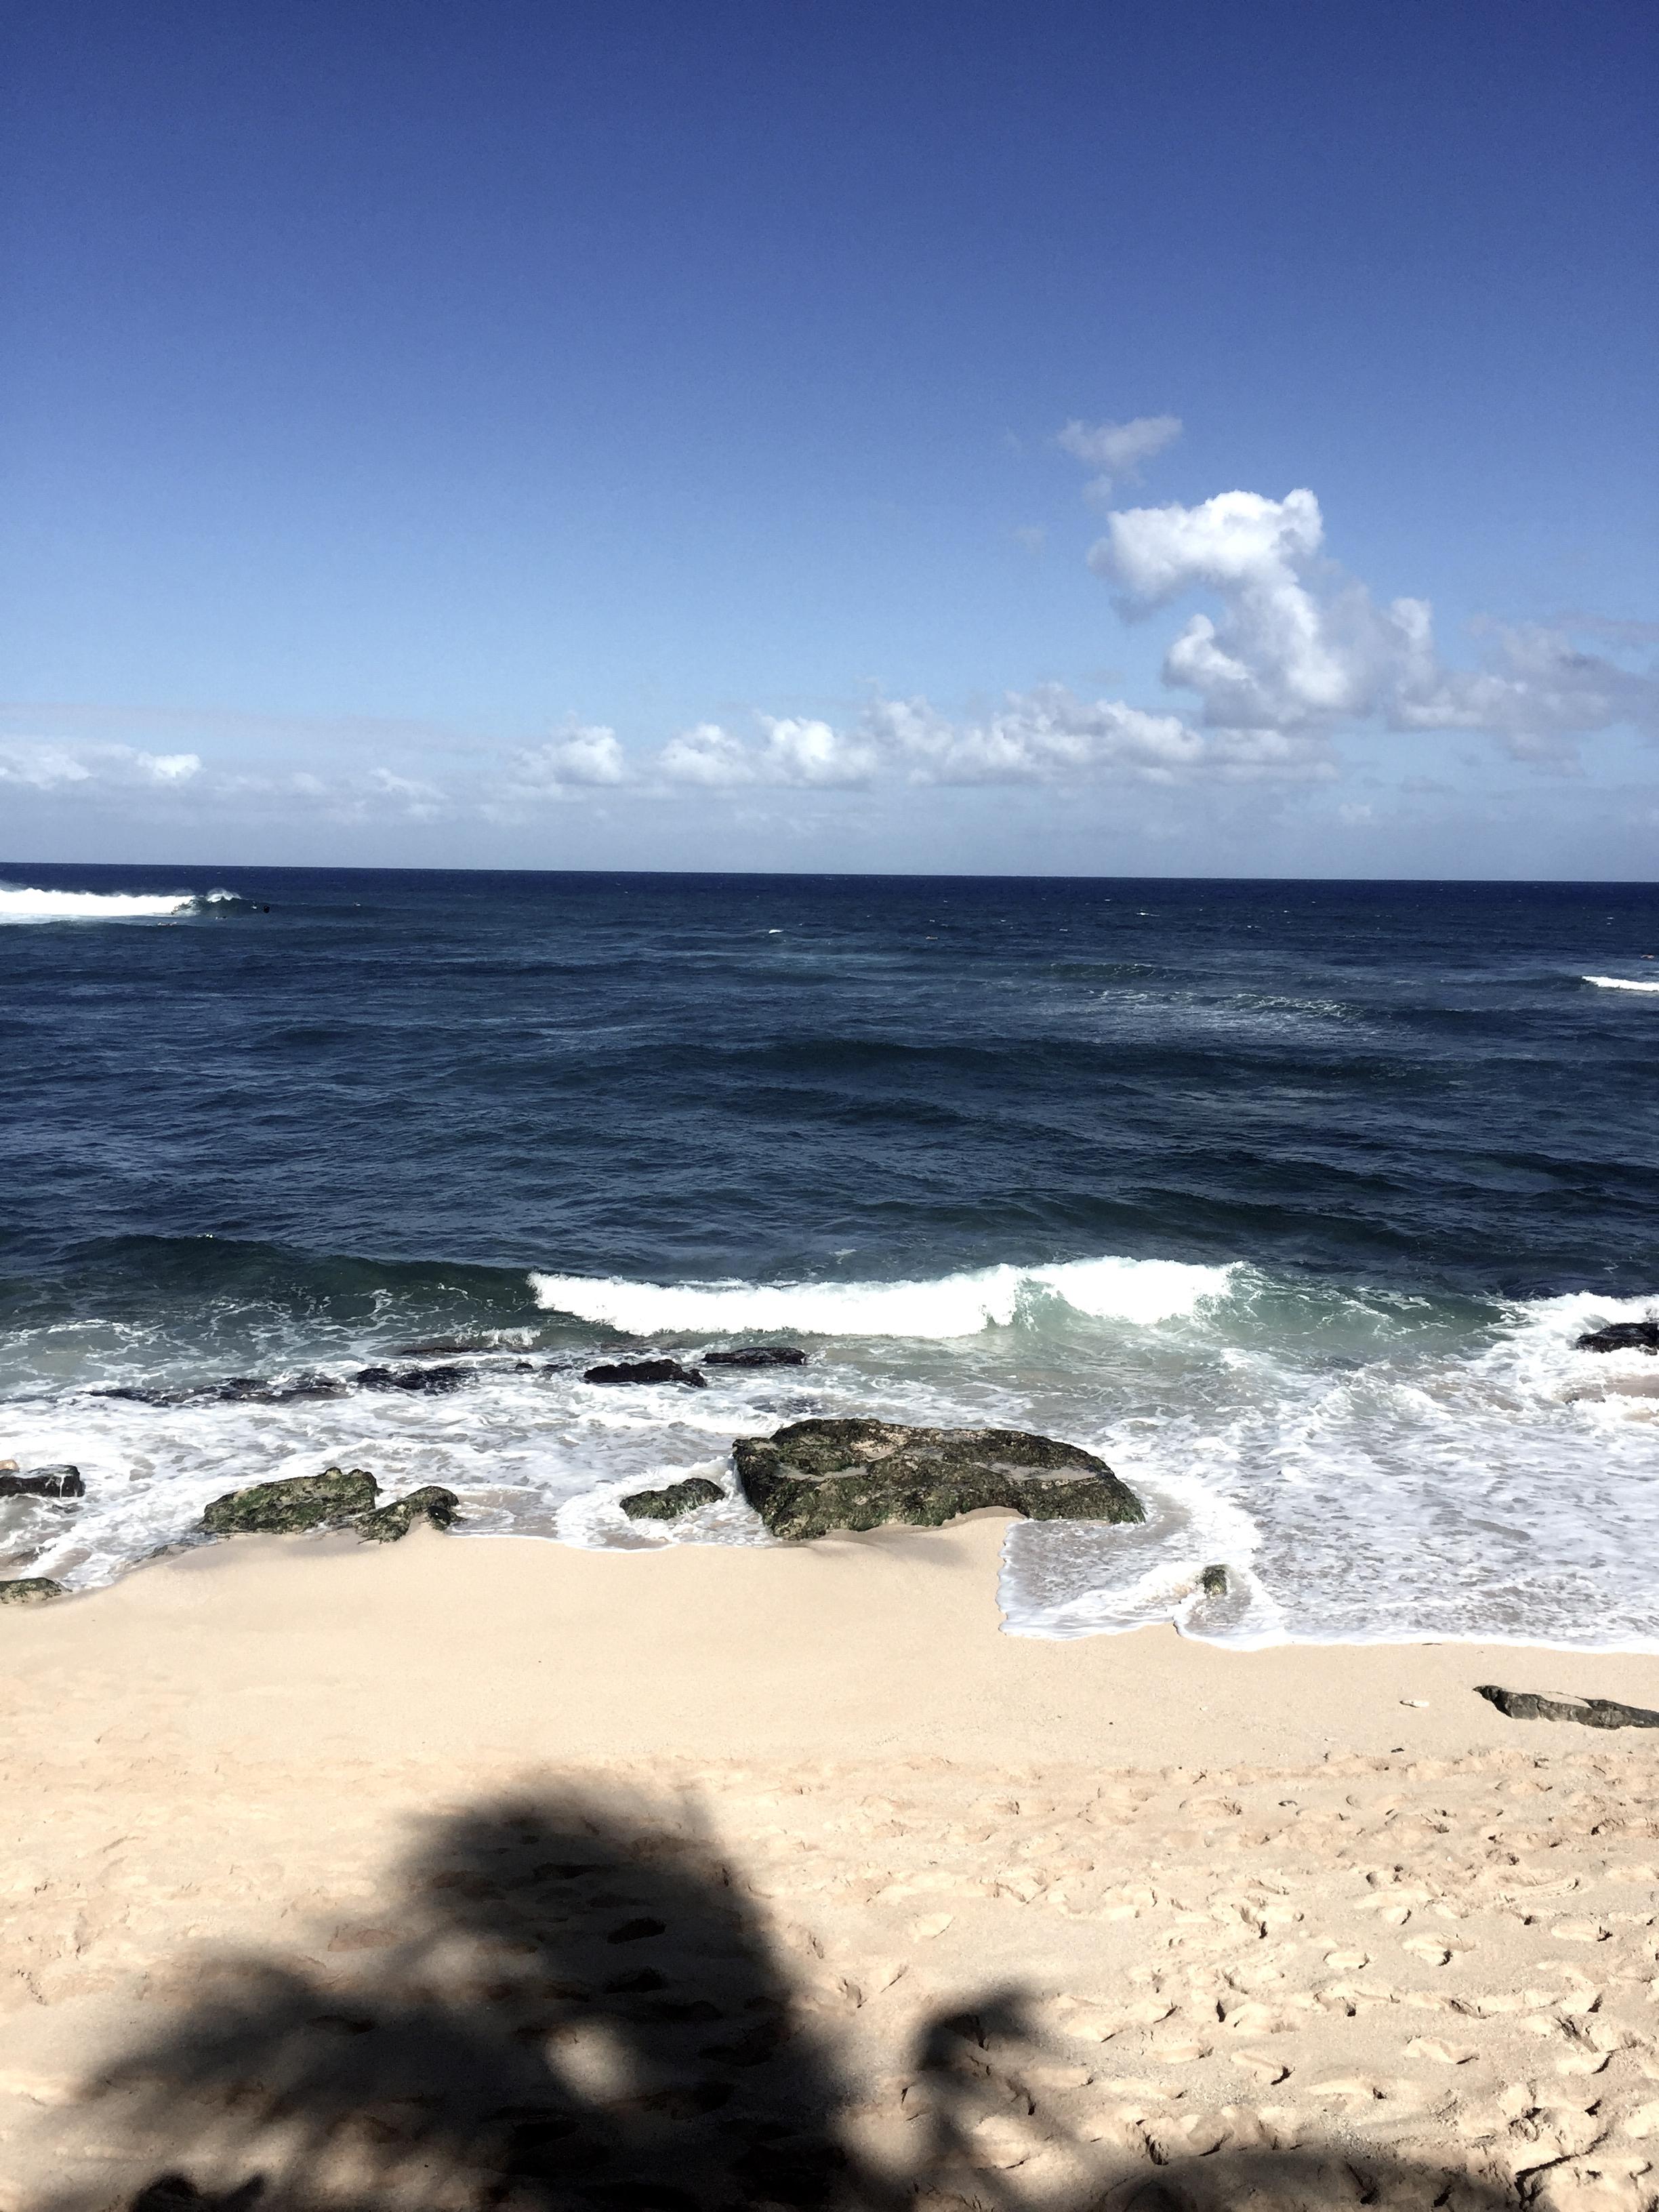 Paia Beach, Maui, Hawaii